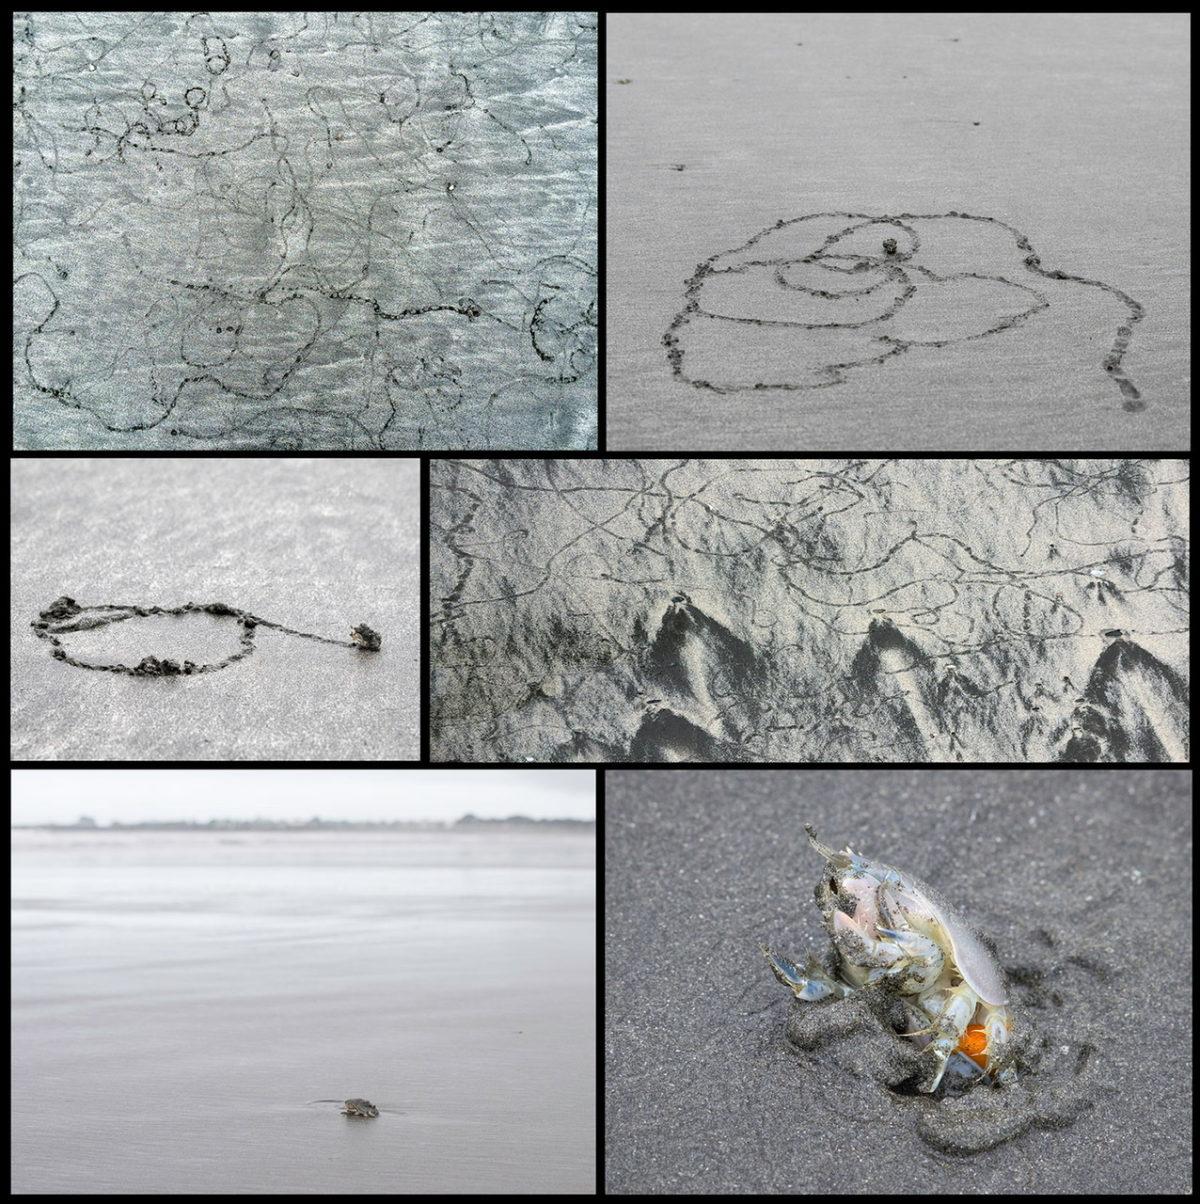 Pacific Mole Crab Collage